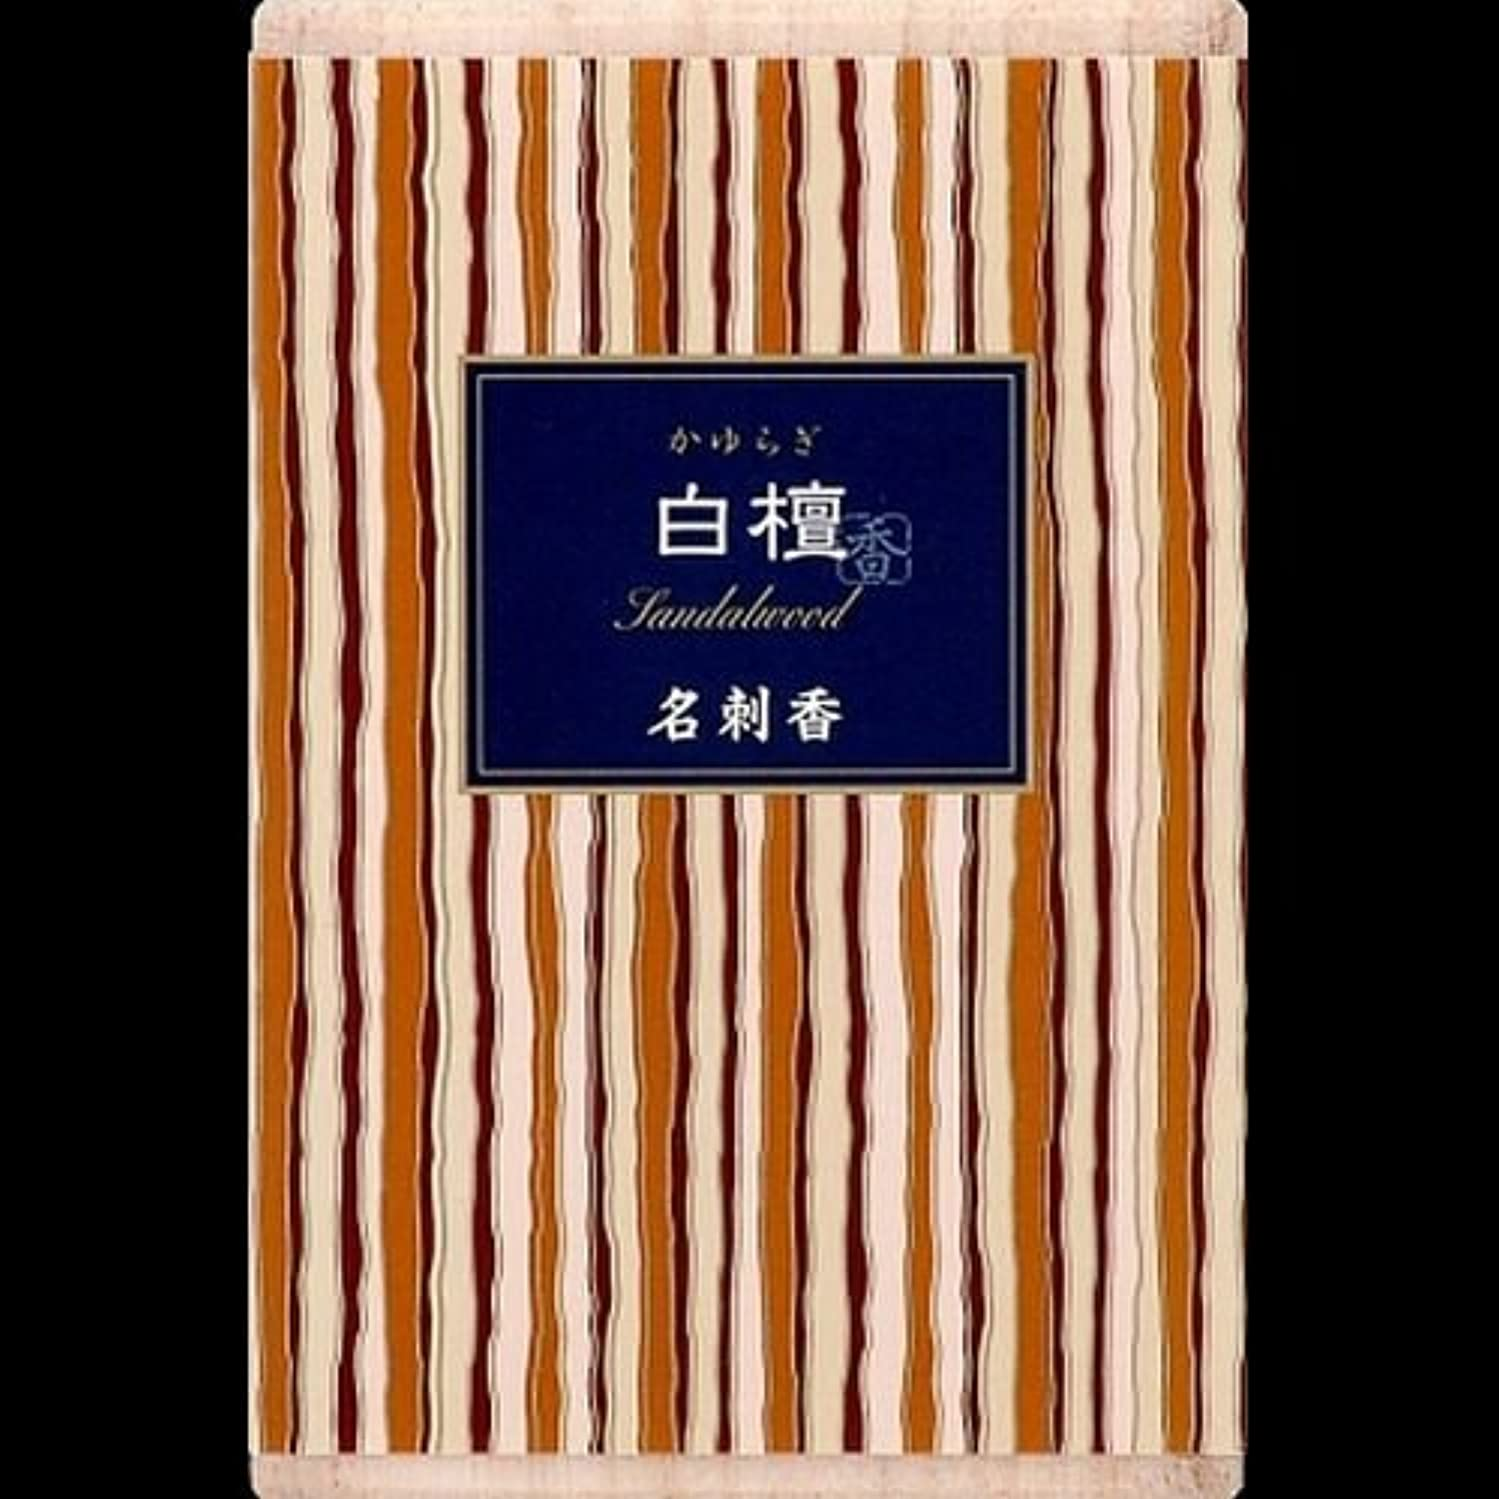 噴水必要うめき【まとめ買い】かゆらぎ 白檀 名刺香 桐箱 6入 ×2セット